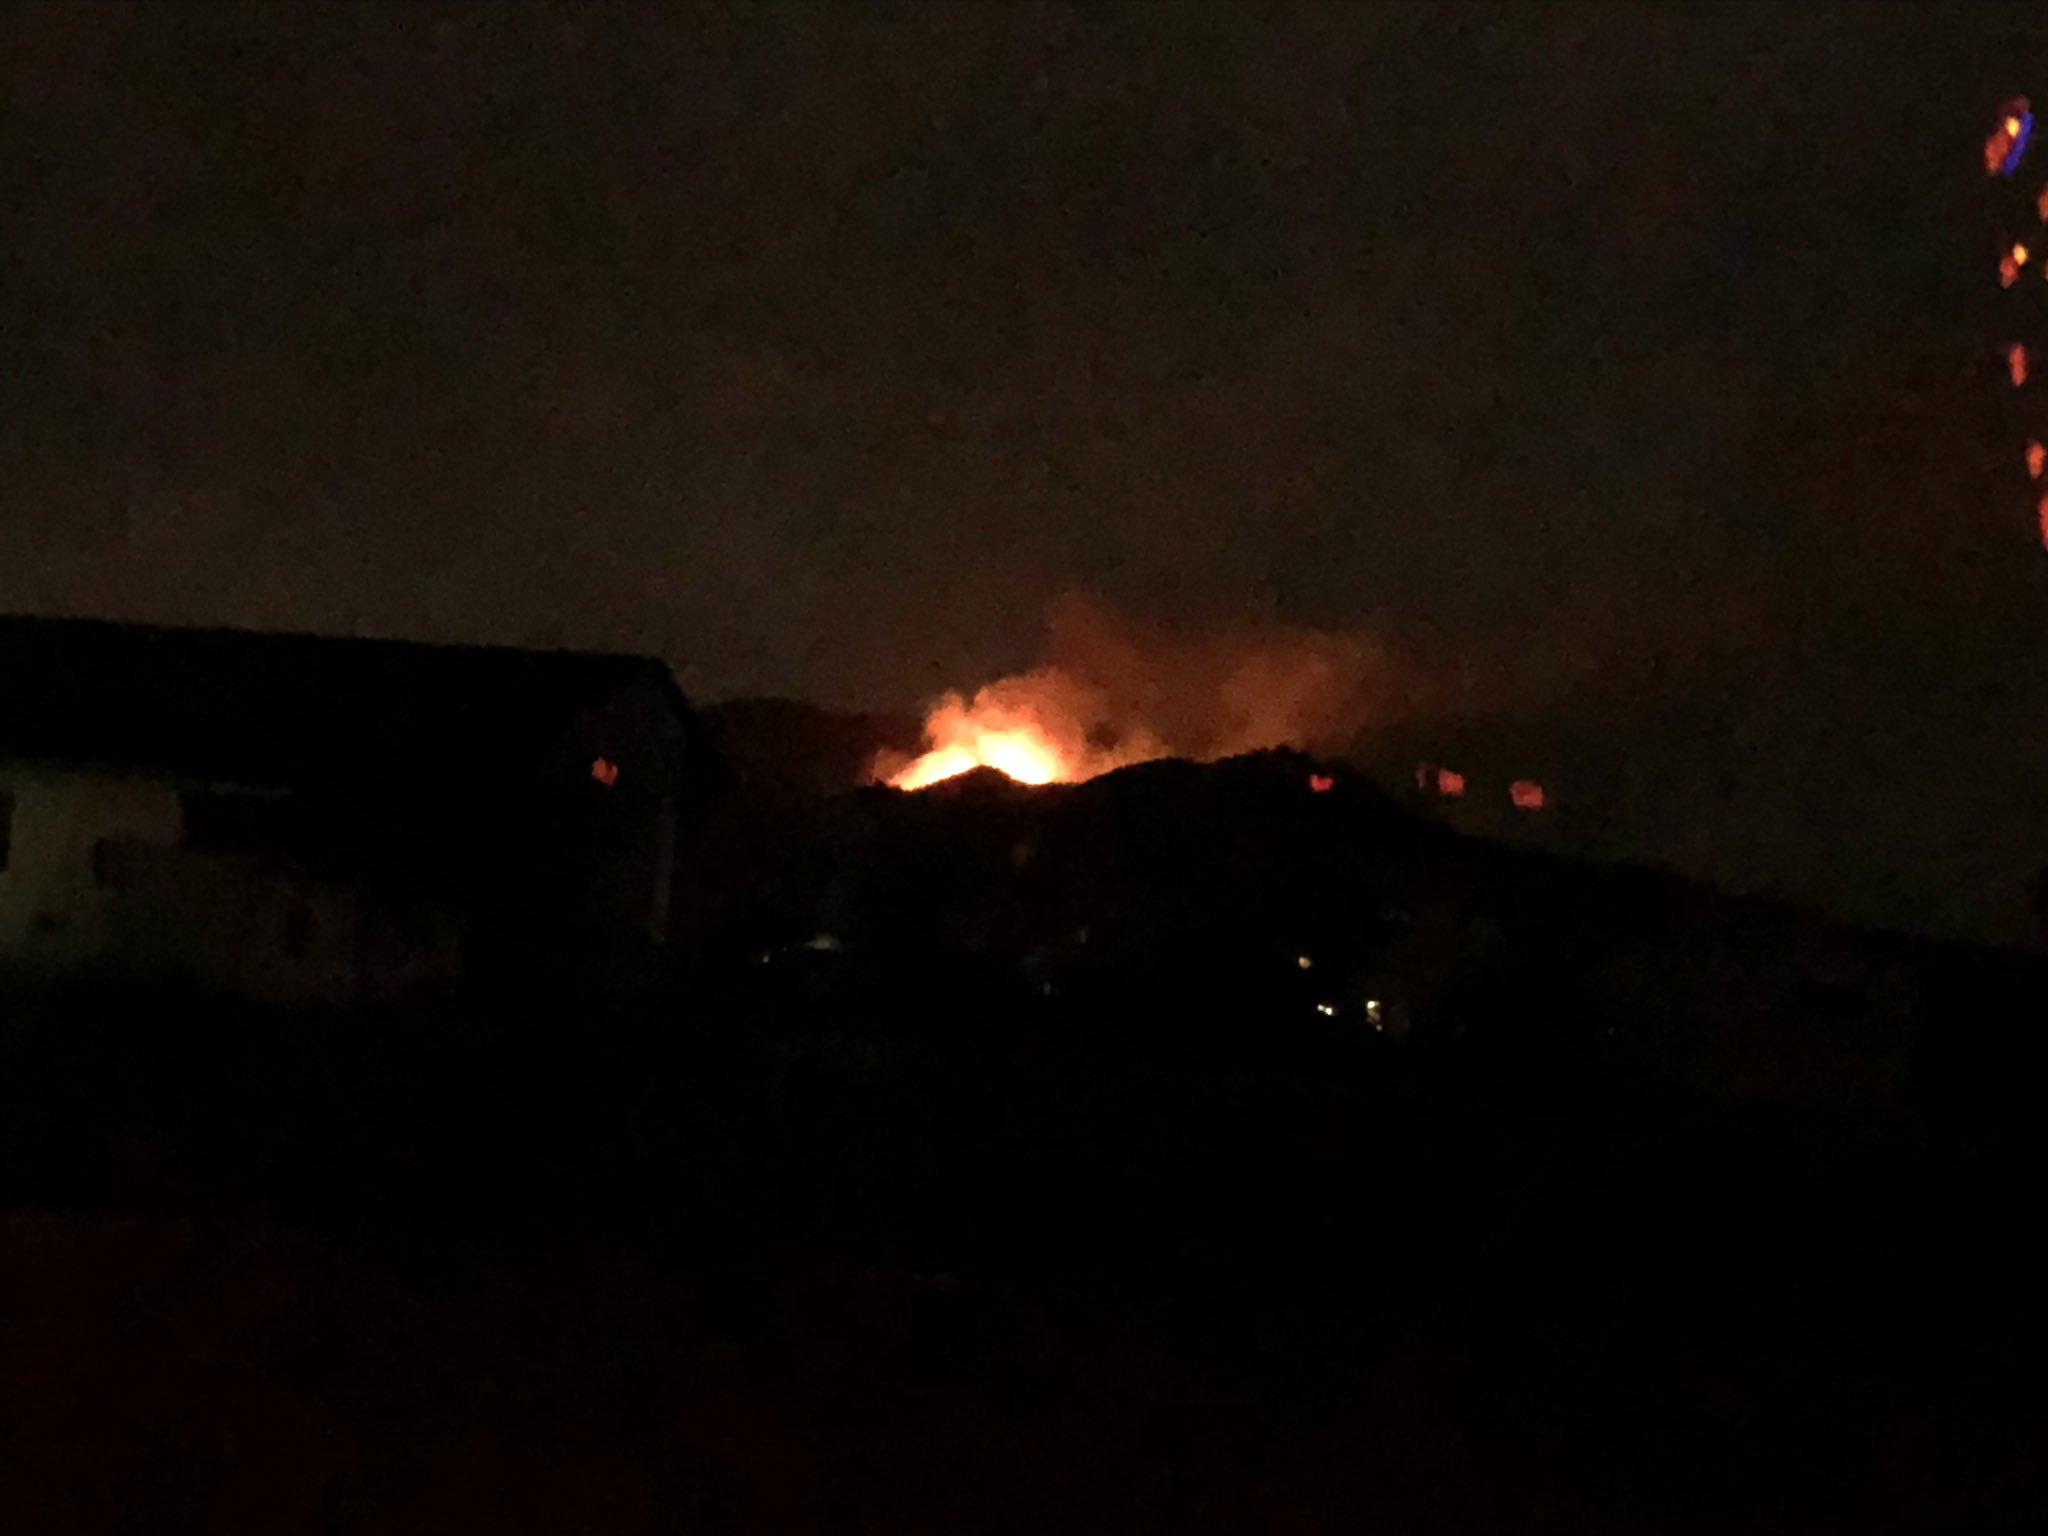 画像,家から3キロほど離れた山林火災‼️強風で延焼中らしい。うちからでも炎がみえる。地元のみんな、不安な夜を過ごしています。 https://t.co/86H2Kzz…